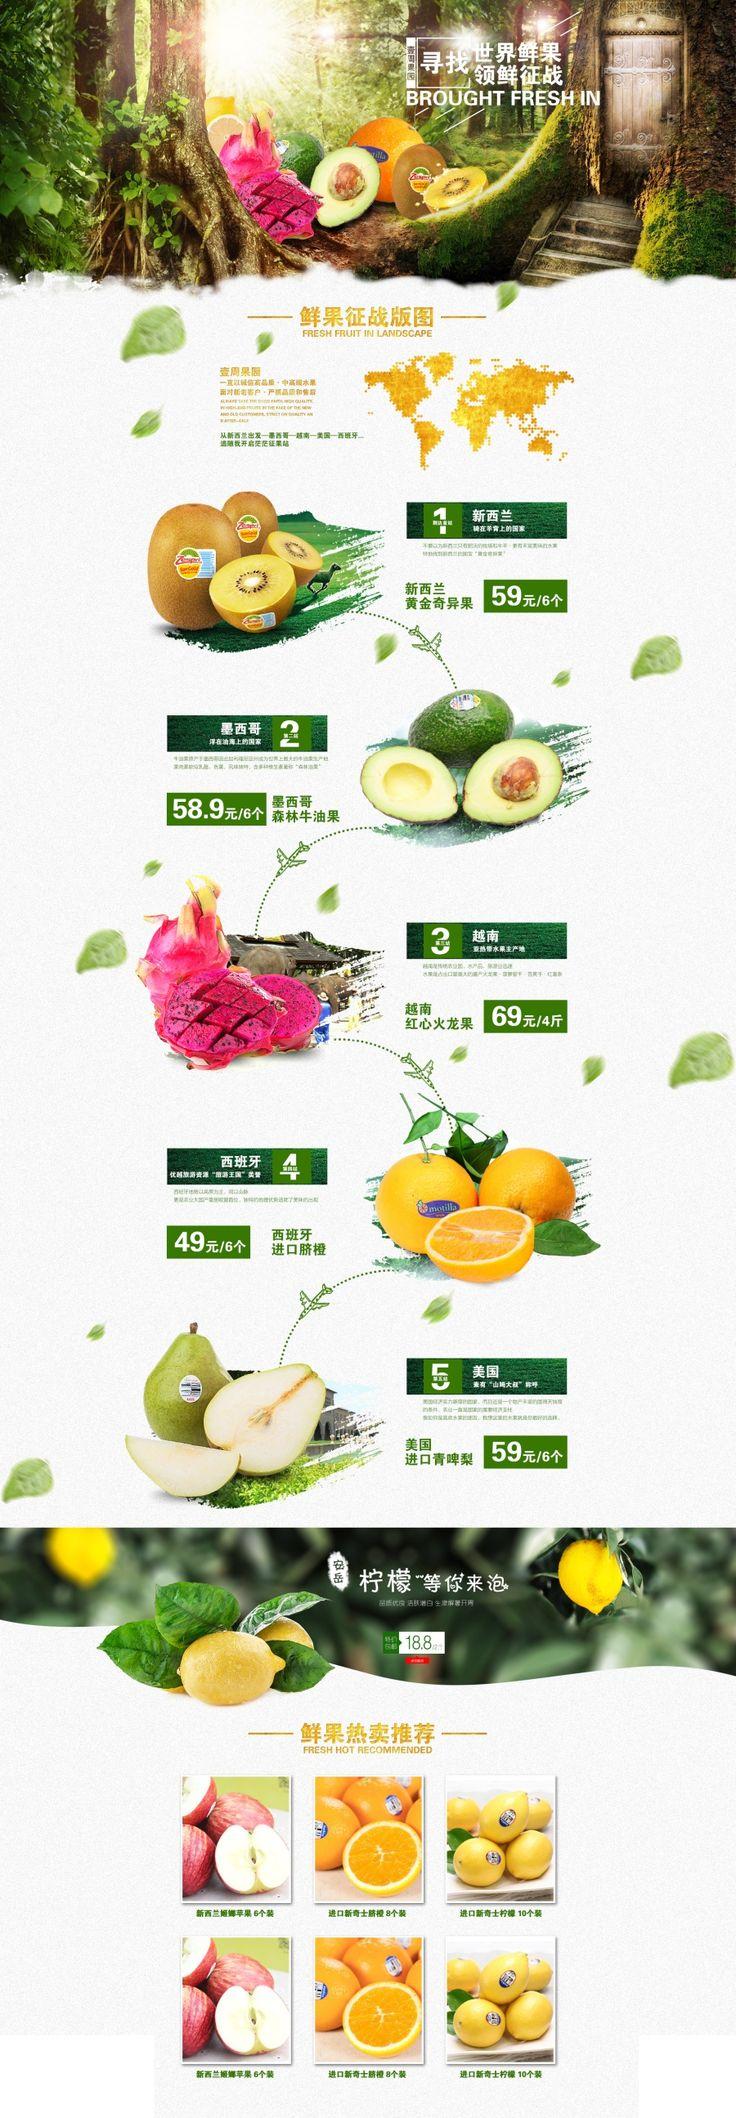 电商设计 食品 水果 踏青出游 休闲食品 水果海报 五一专题 水果专区 奇异 - 原创设计作品展示 - 黄蜂网woofeng.cn